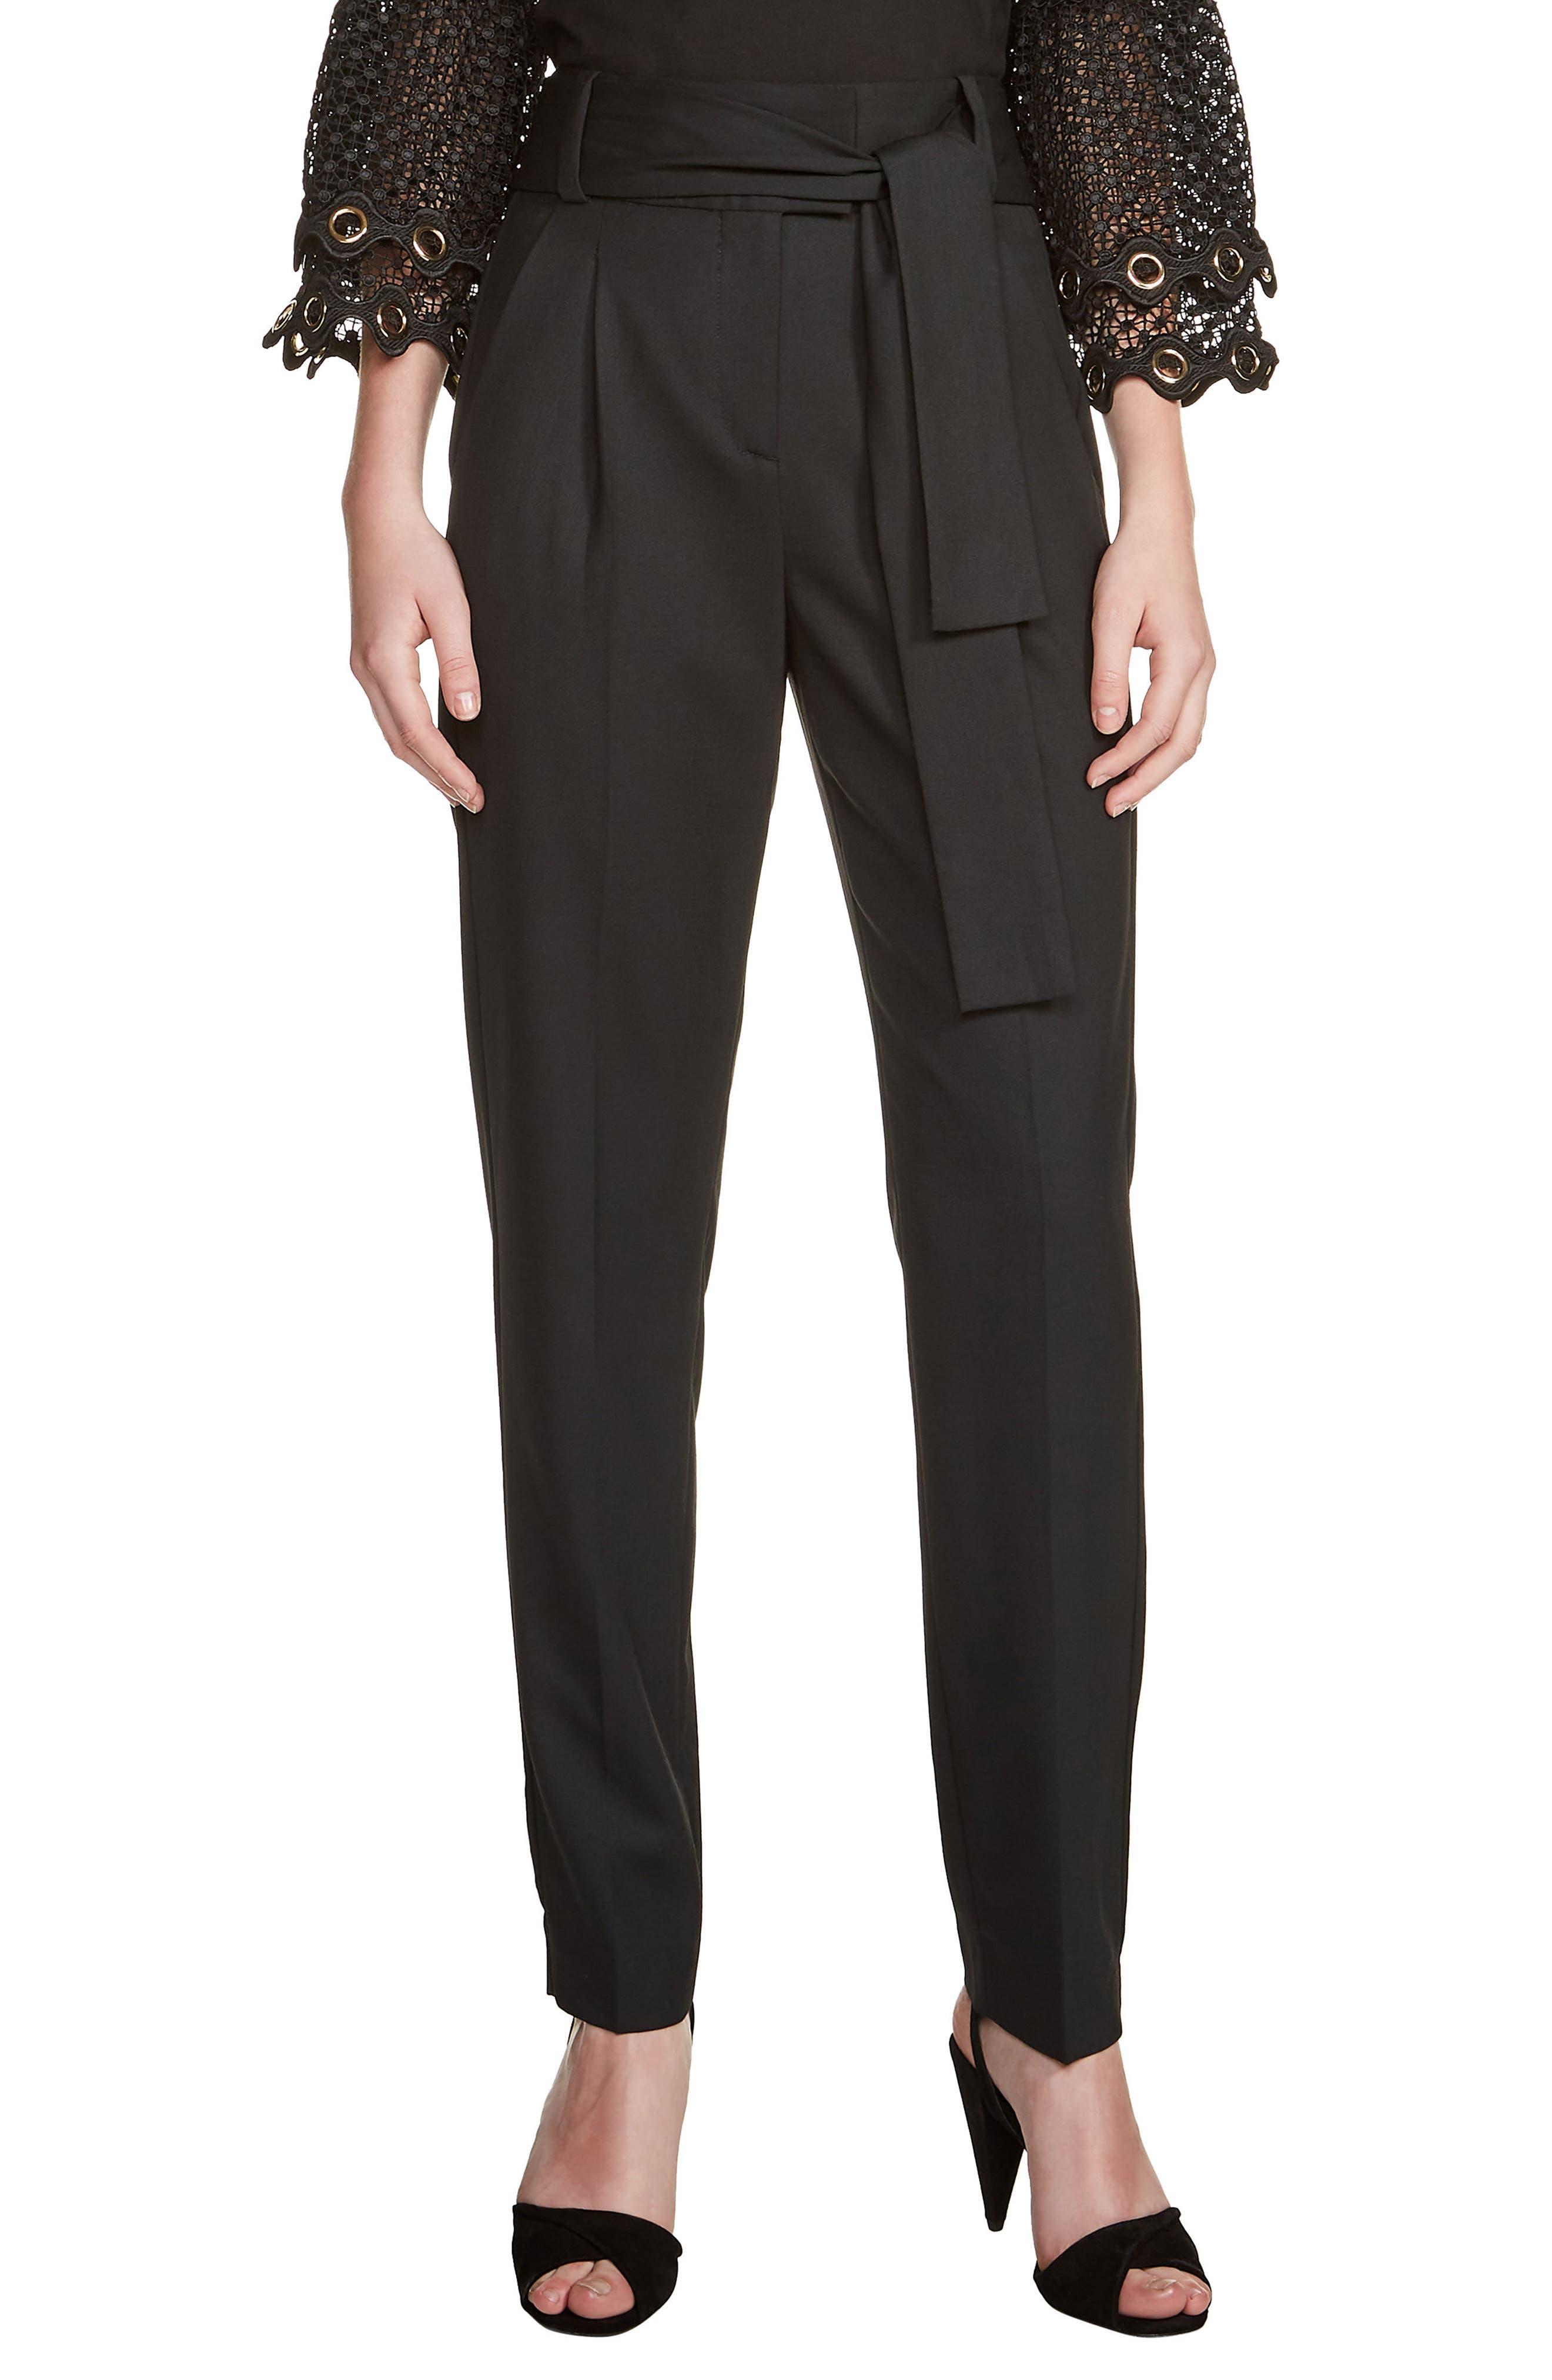 Paris Belted Pleat Front Pants,                         Main,                         color, 001